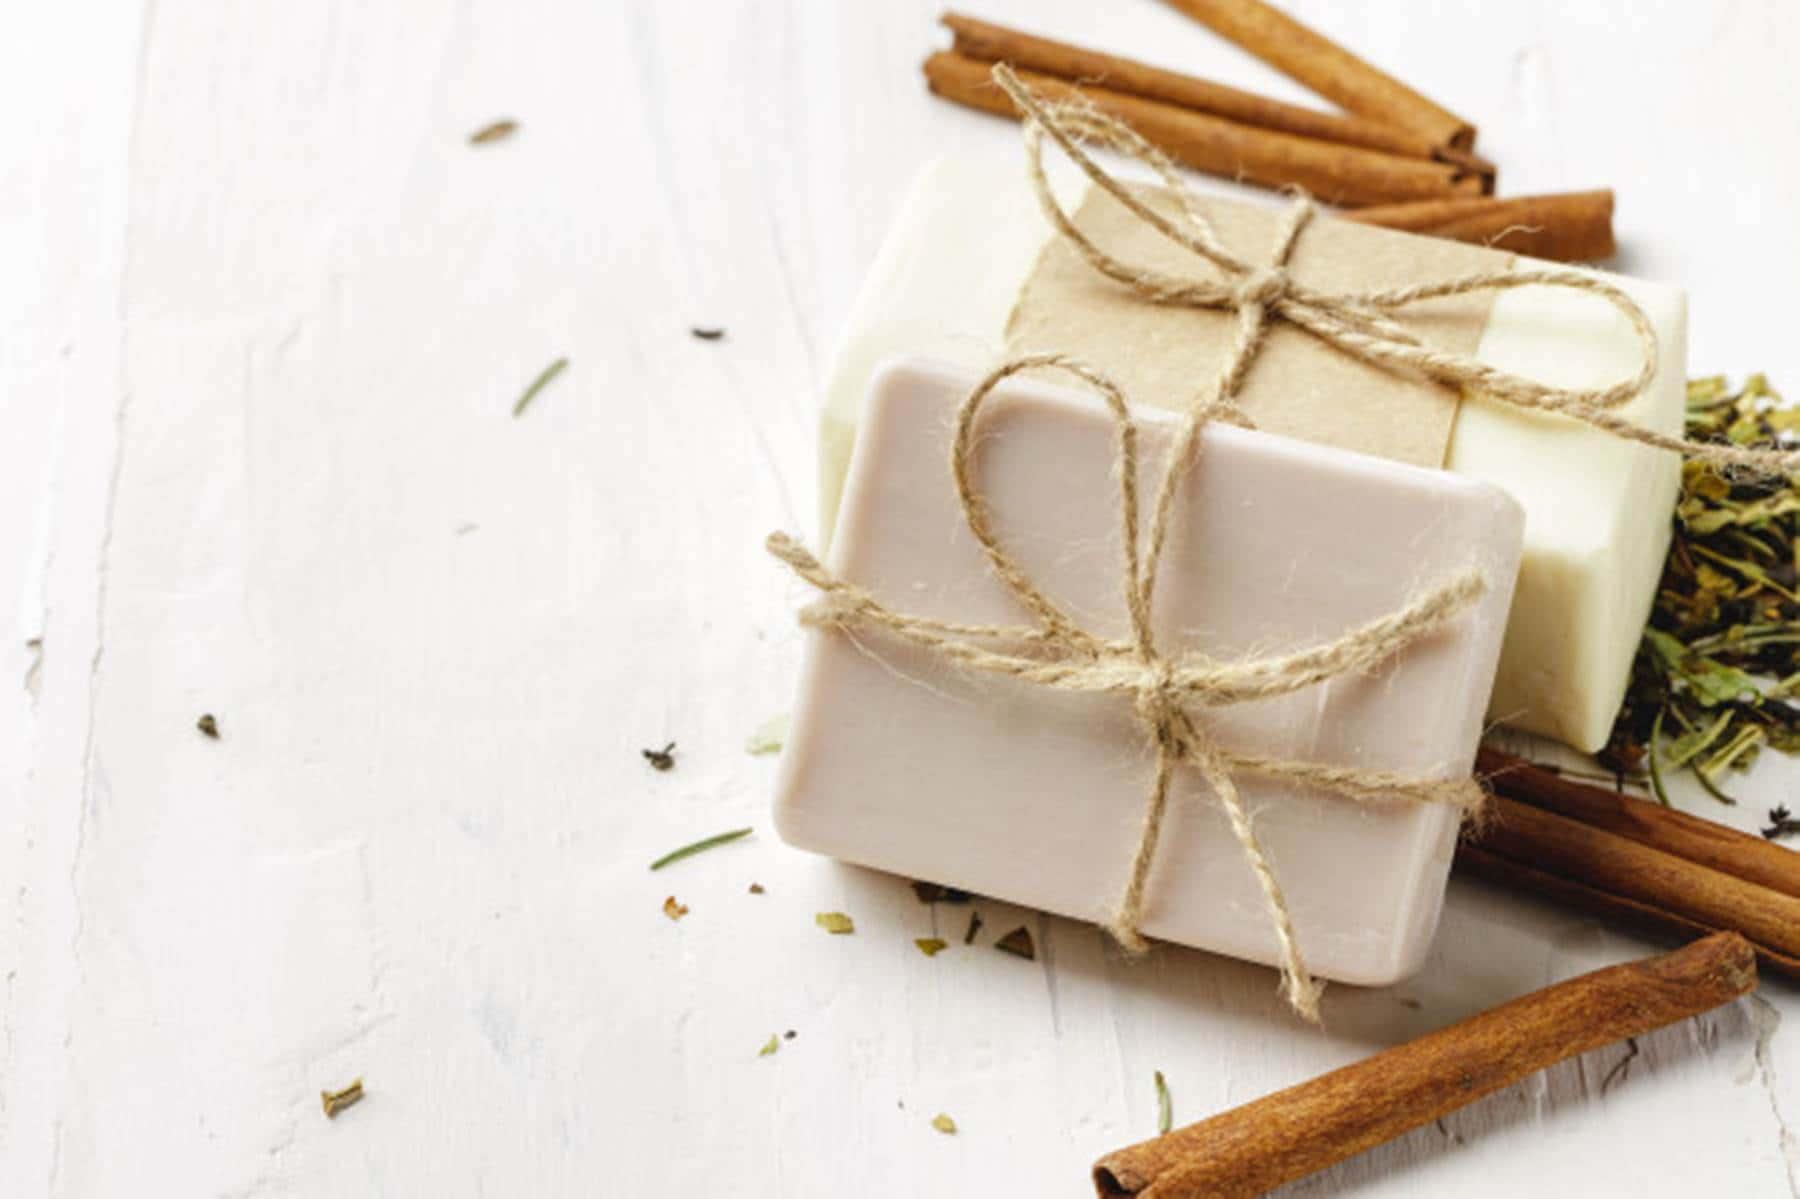 Faça sabonete de mel e aveia para remover espinhas e cravos